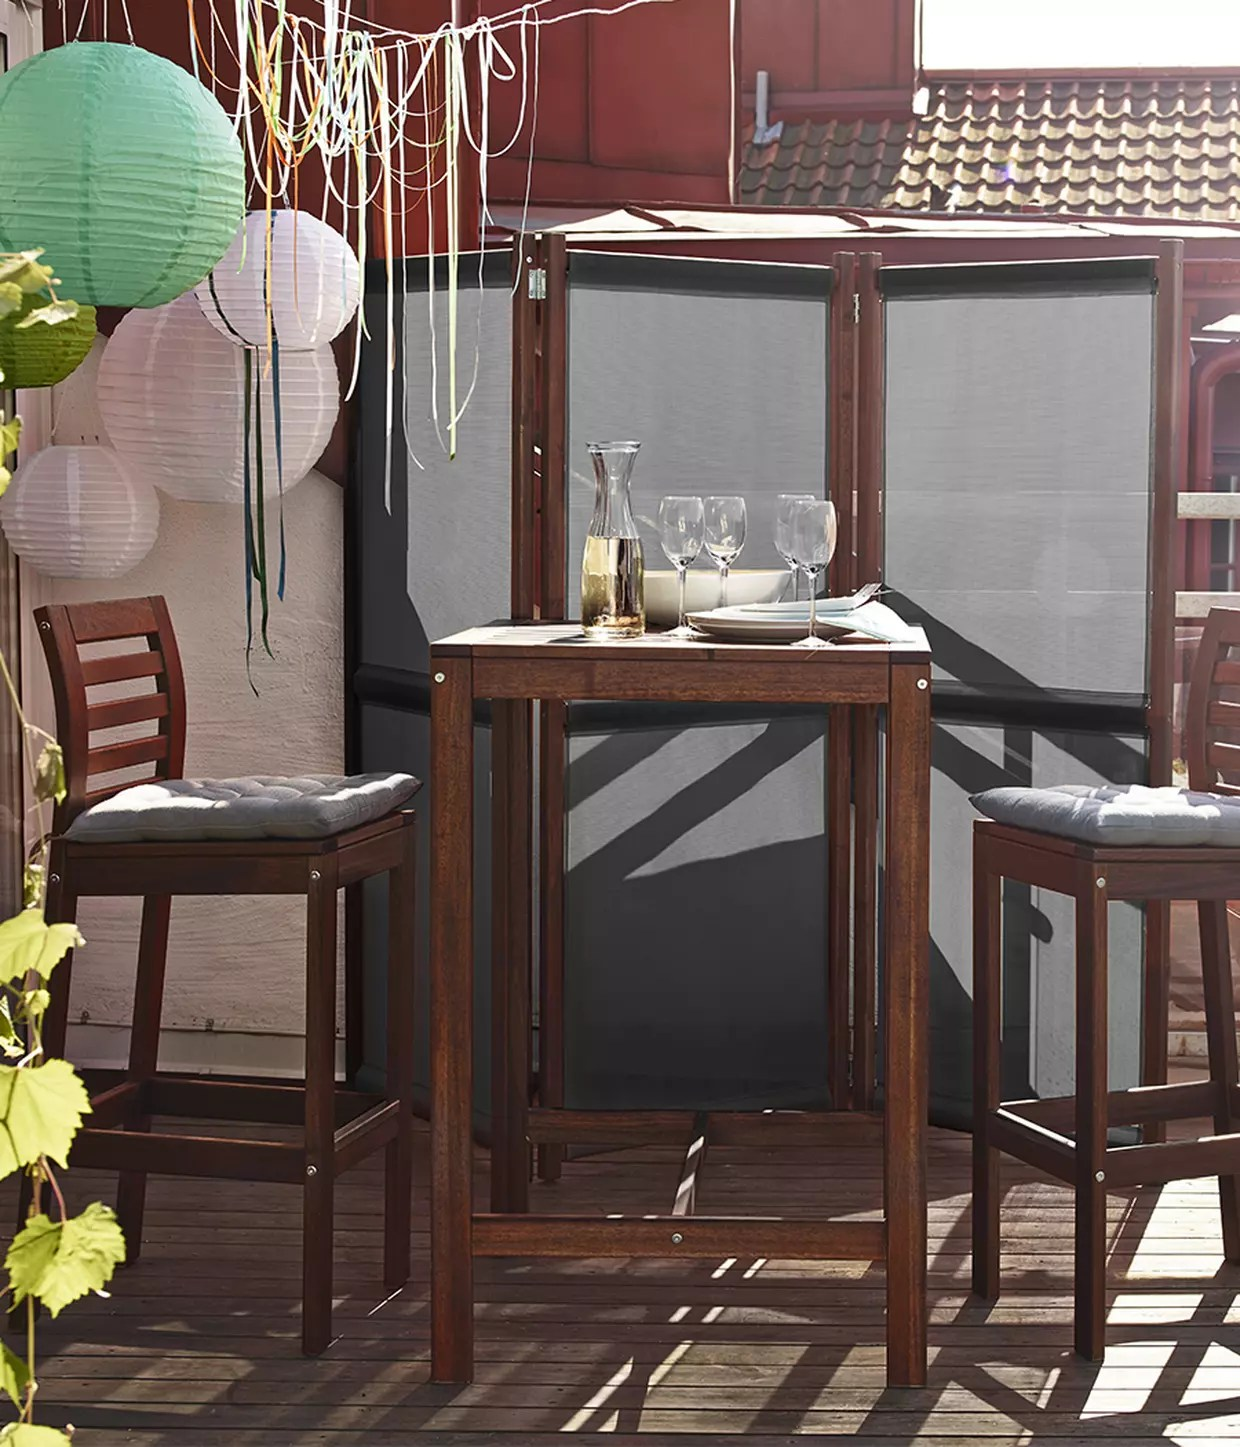 mettre un paravent sur un balcon